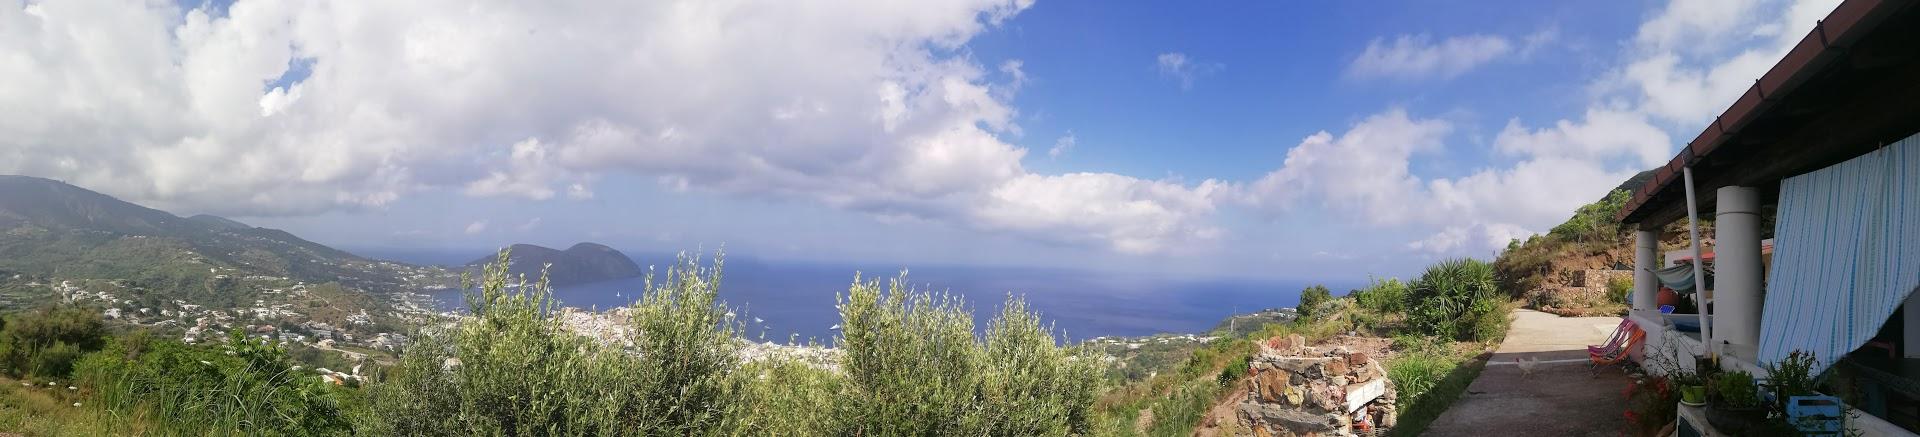 Al número zero - Lipari - Islas Eolias - Italia